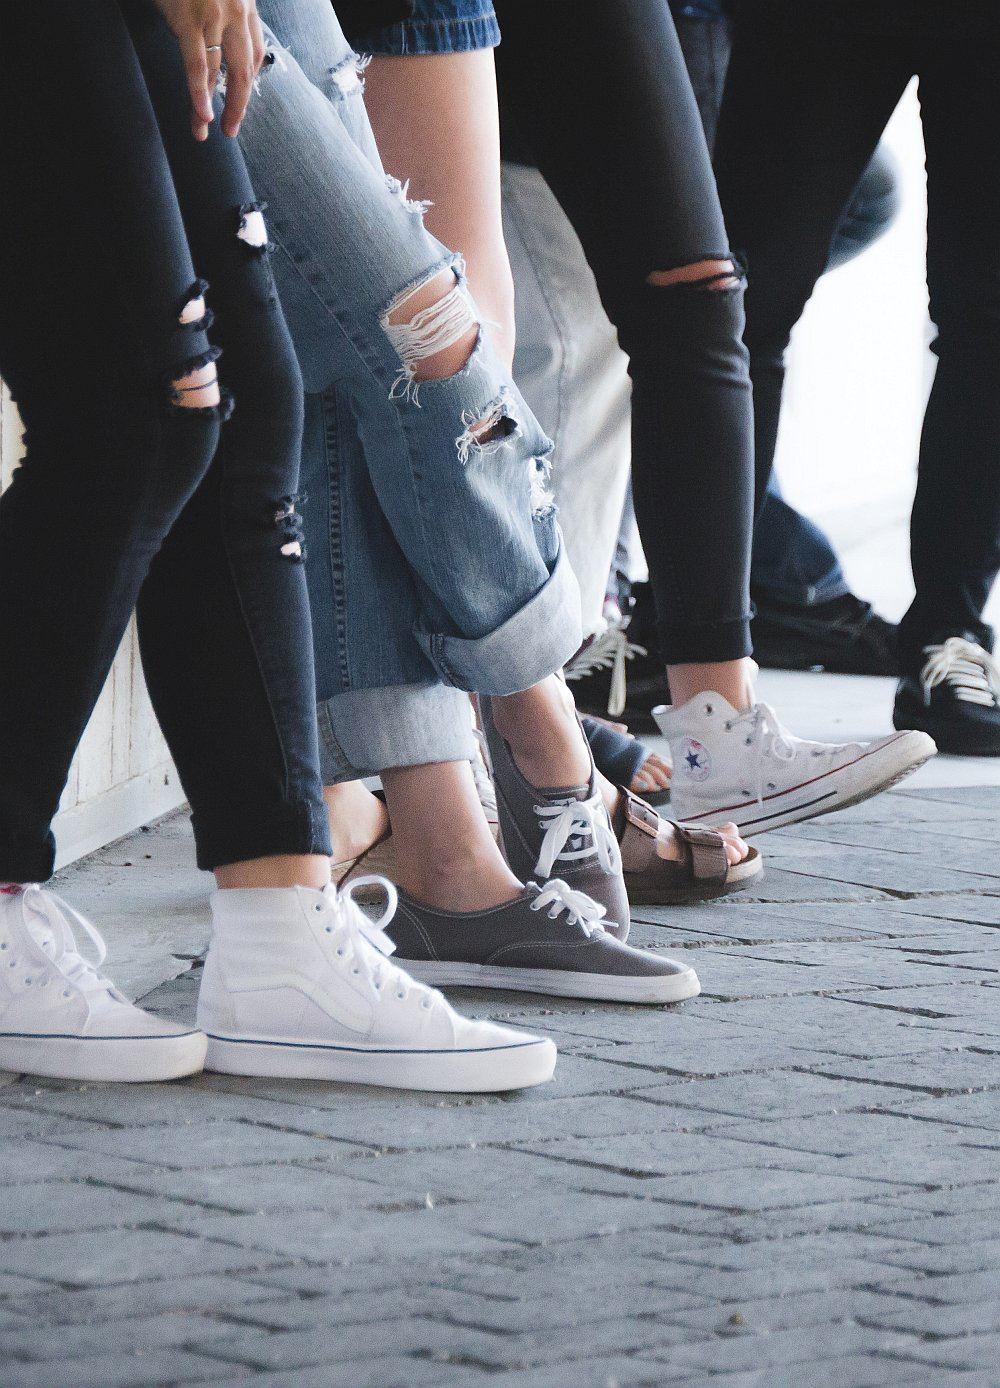 Füße von einer Gruppe Jugendlicher